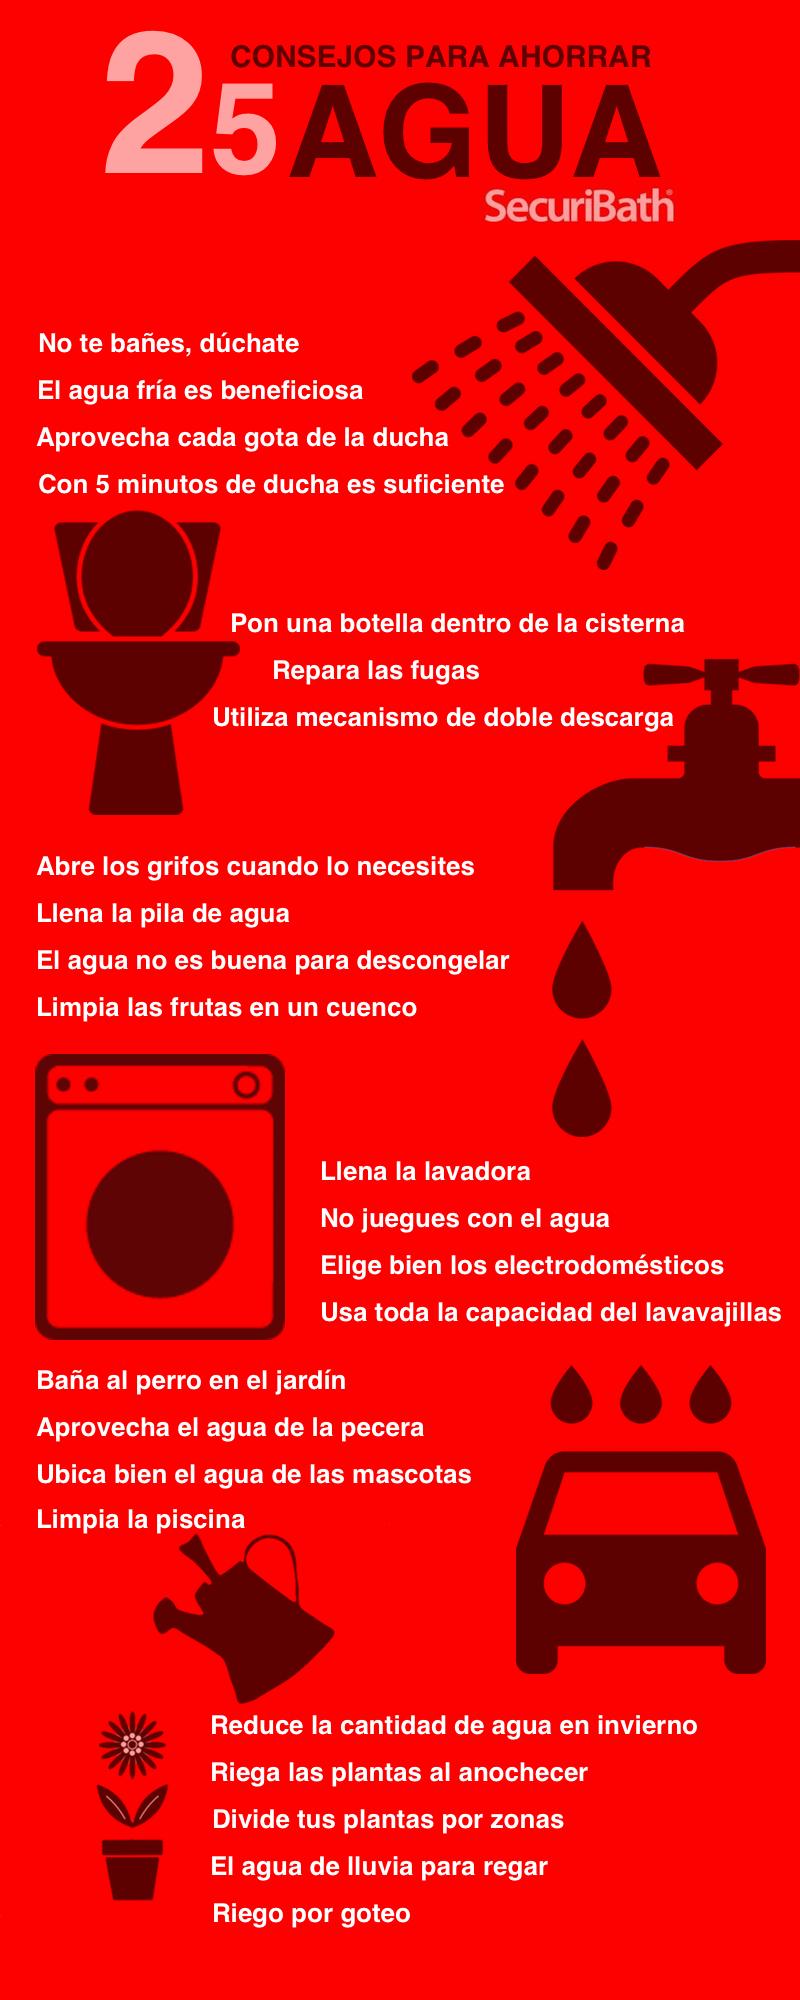 Infografía con 25 consejos para ahorrar agua